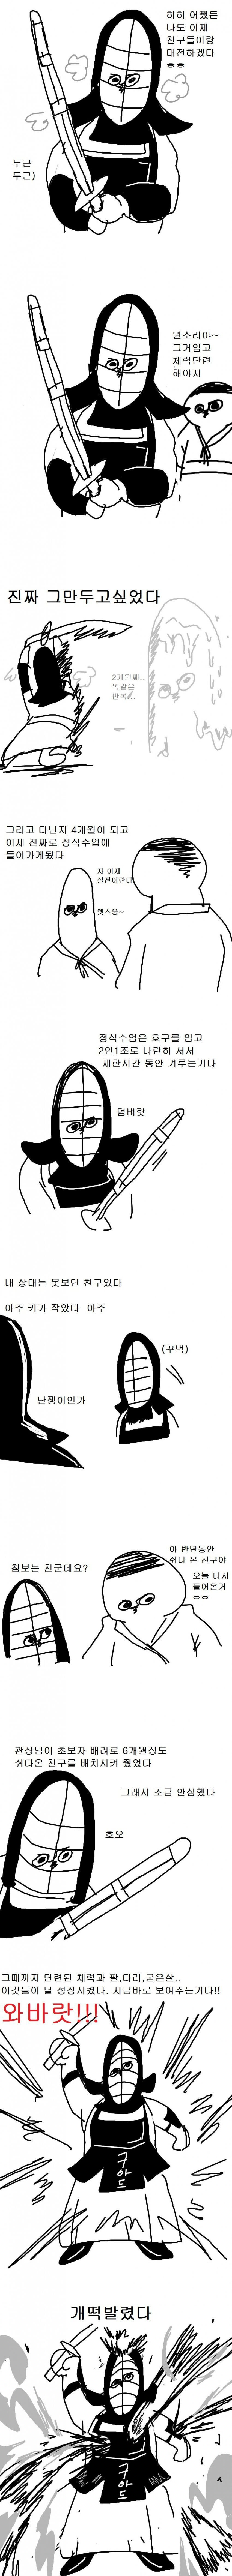 2.jpg (스압) 검도관 여자애 짝사랑했던 만화.manhwa